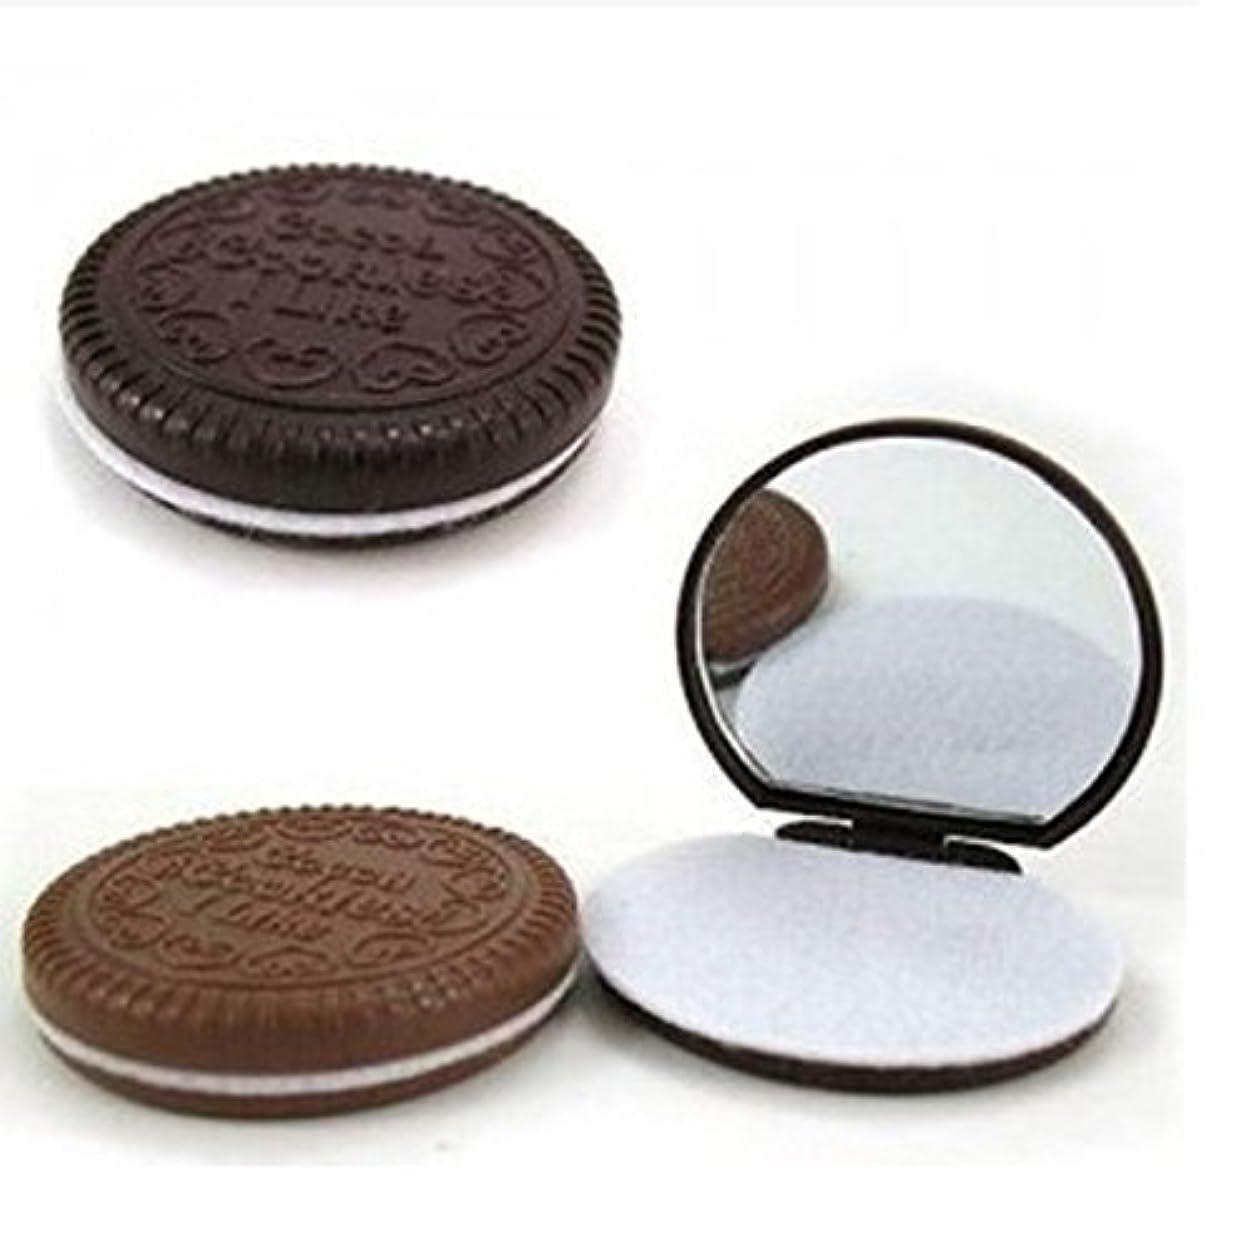 リブタバコ更新3 Pcs Cute Chocolate Makeup Mirror With Comb Women Hand Pocket Compact Makeup Tools Great Gift [並行輸入品]